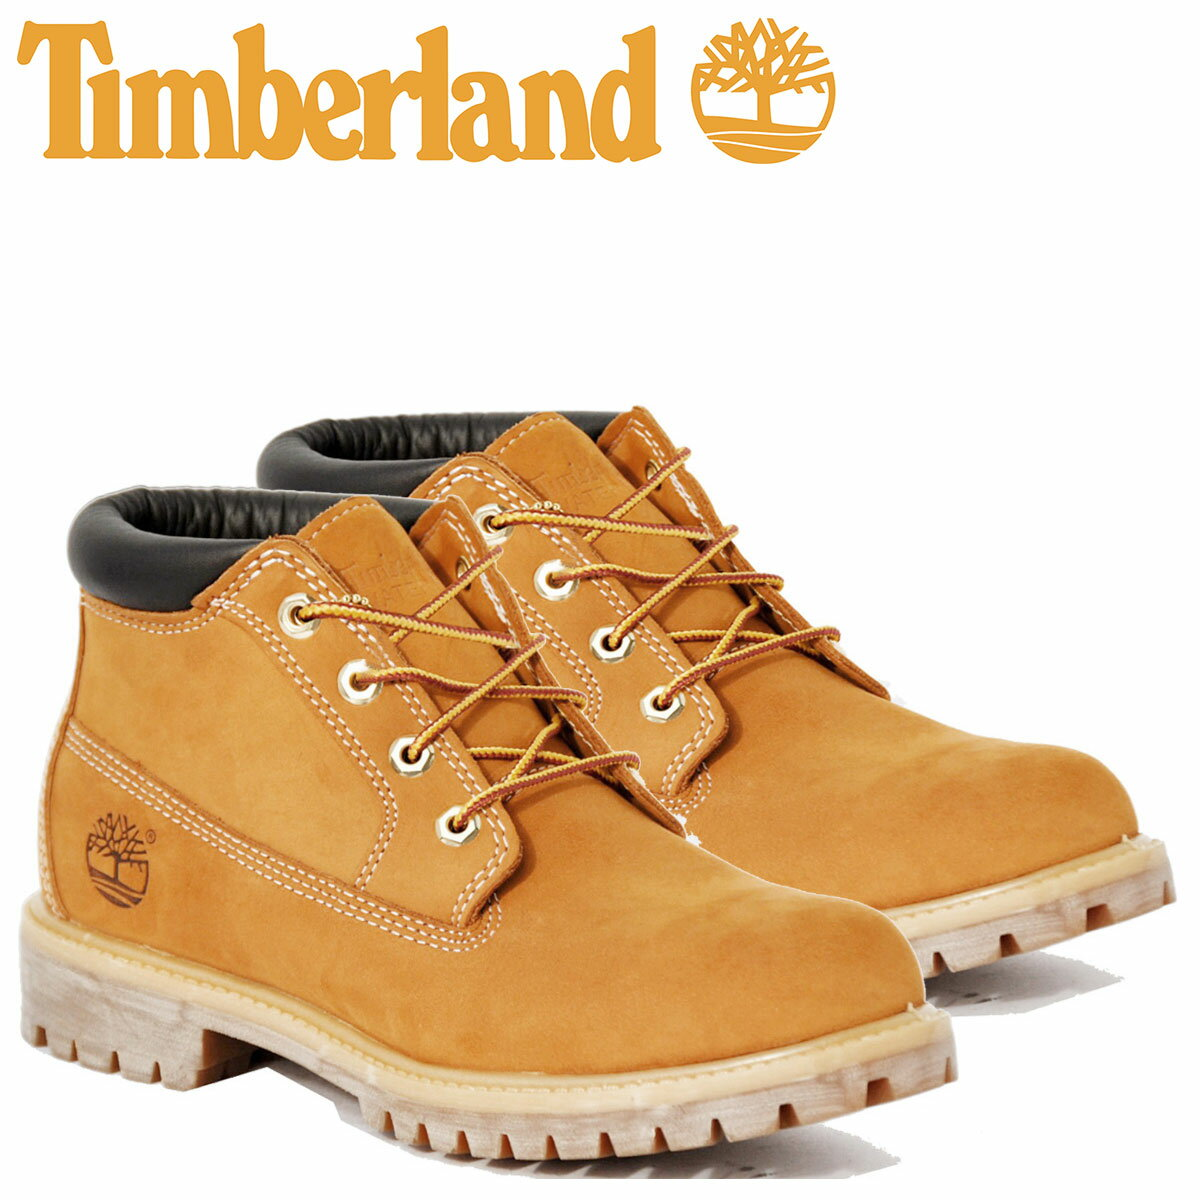 ティンバーランド ブーツ チャッカ メンズ Timberland WATERPROOF CHUKKA BOOT 23061 Wワイズ 防水 [予約商品 1/20頃入荷予定 追加入荷]